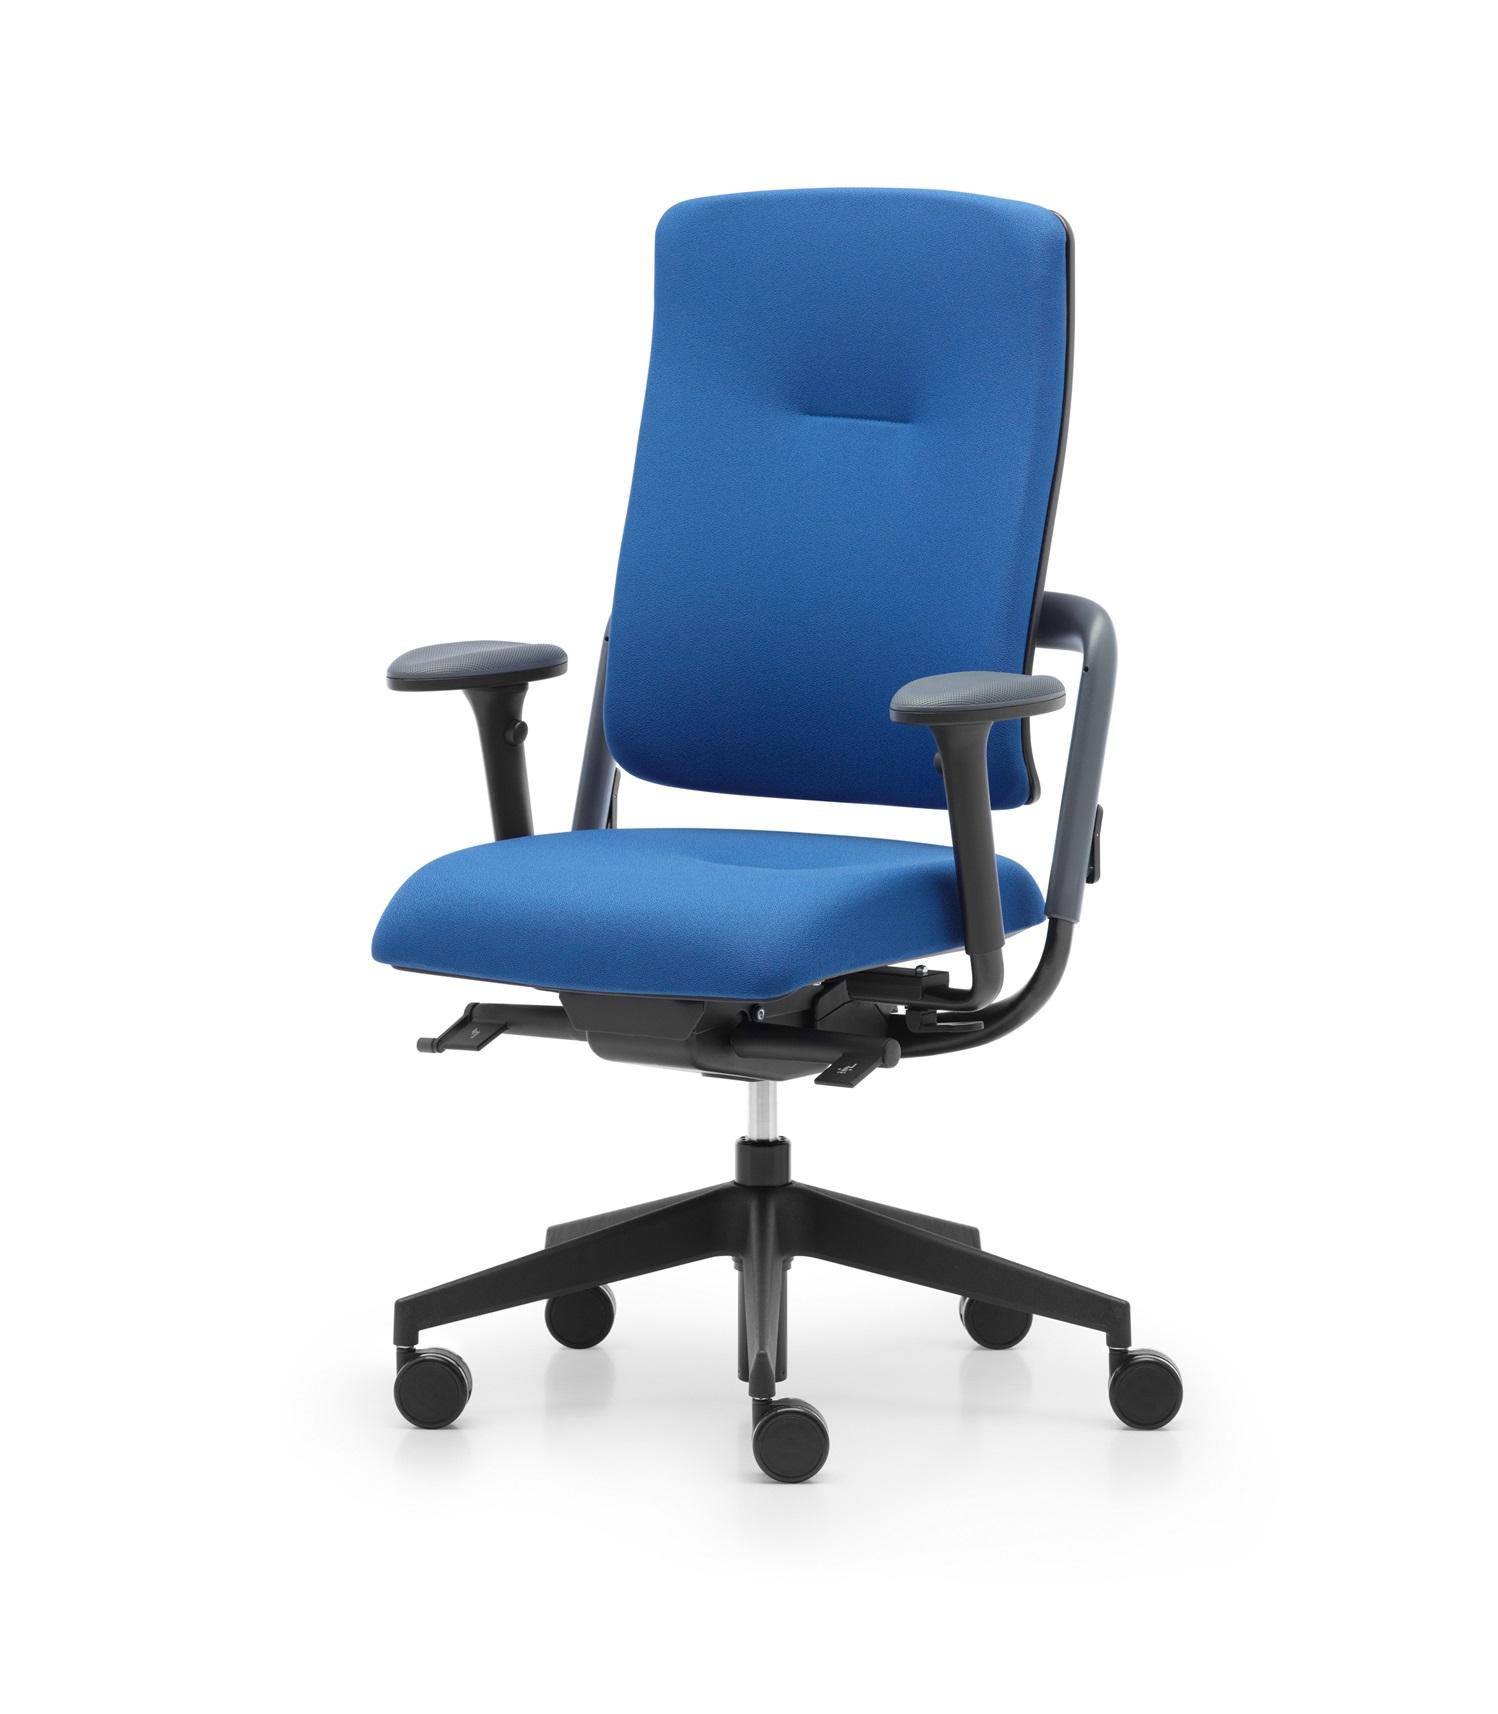 187 fauteuils pour usage intensif offital